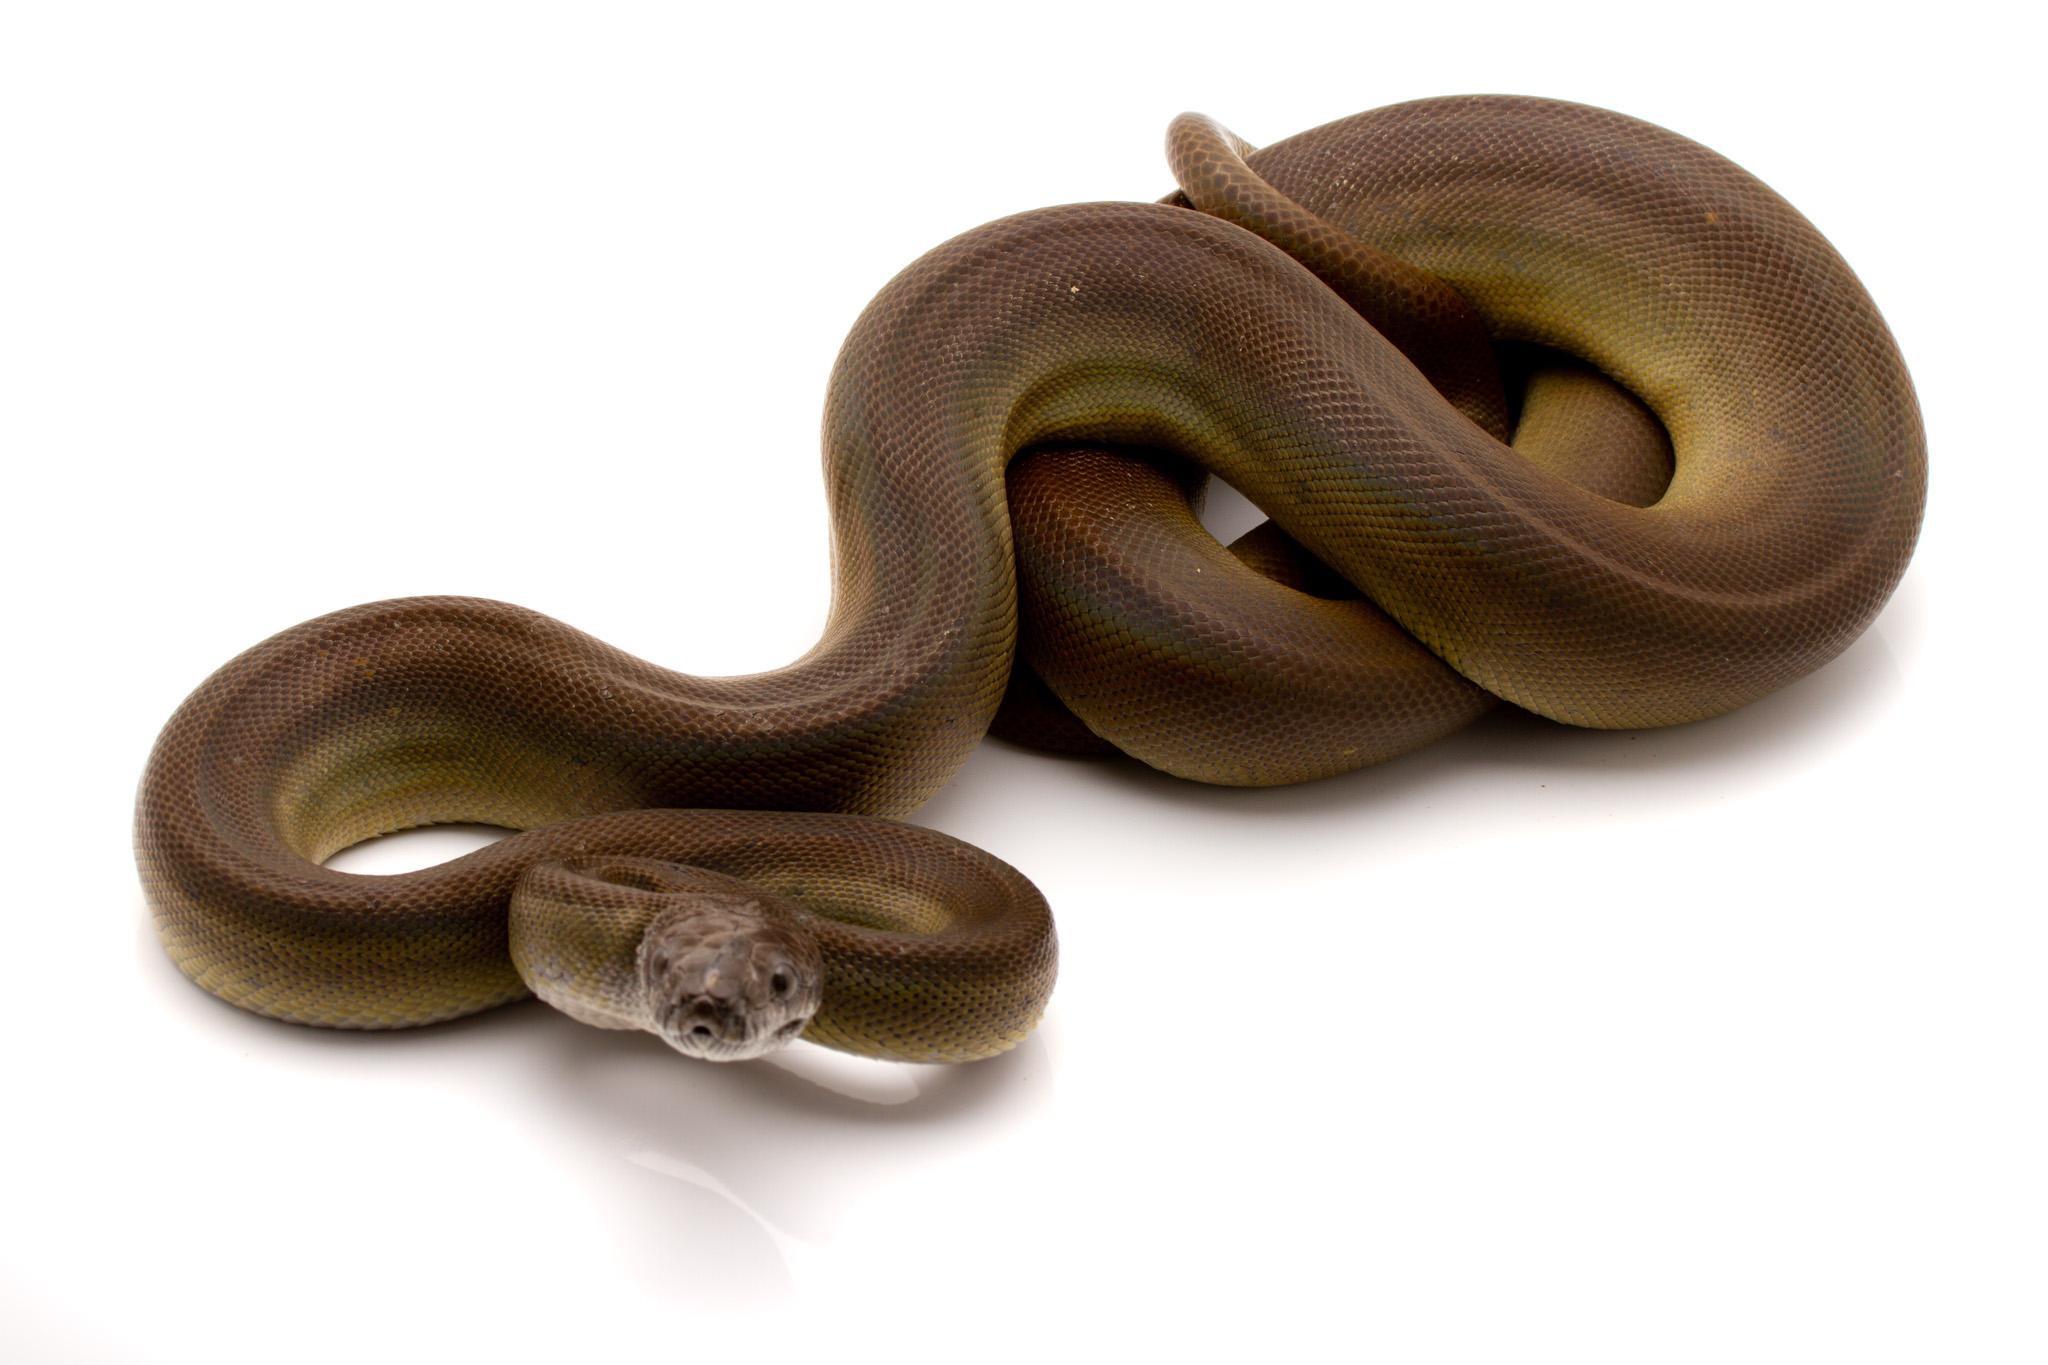 Olive python for sale